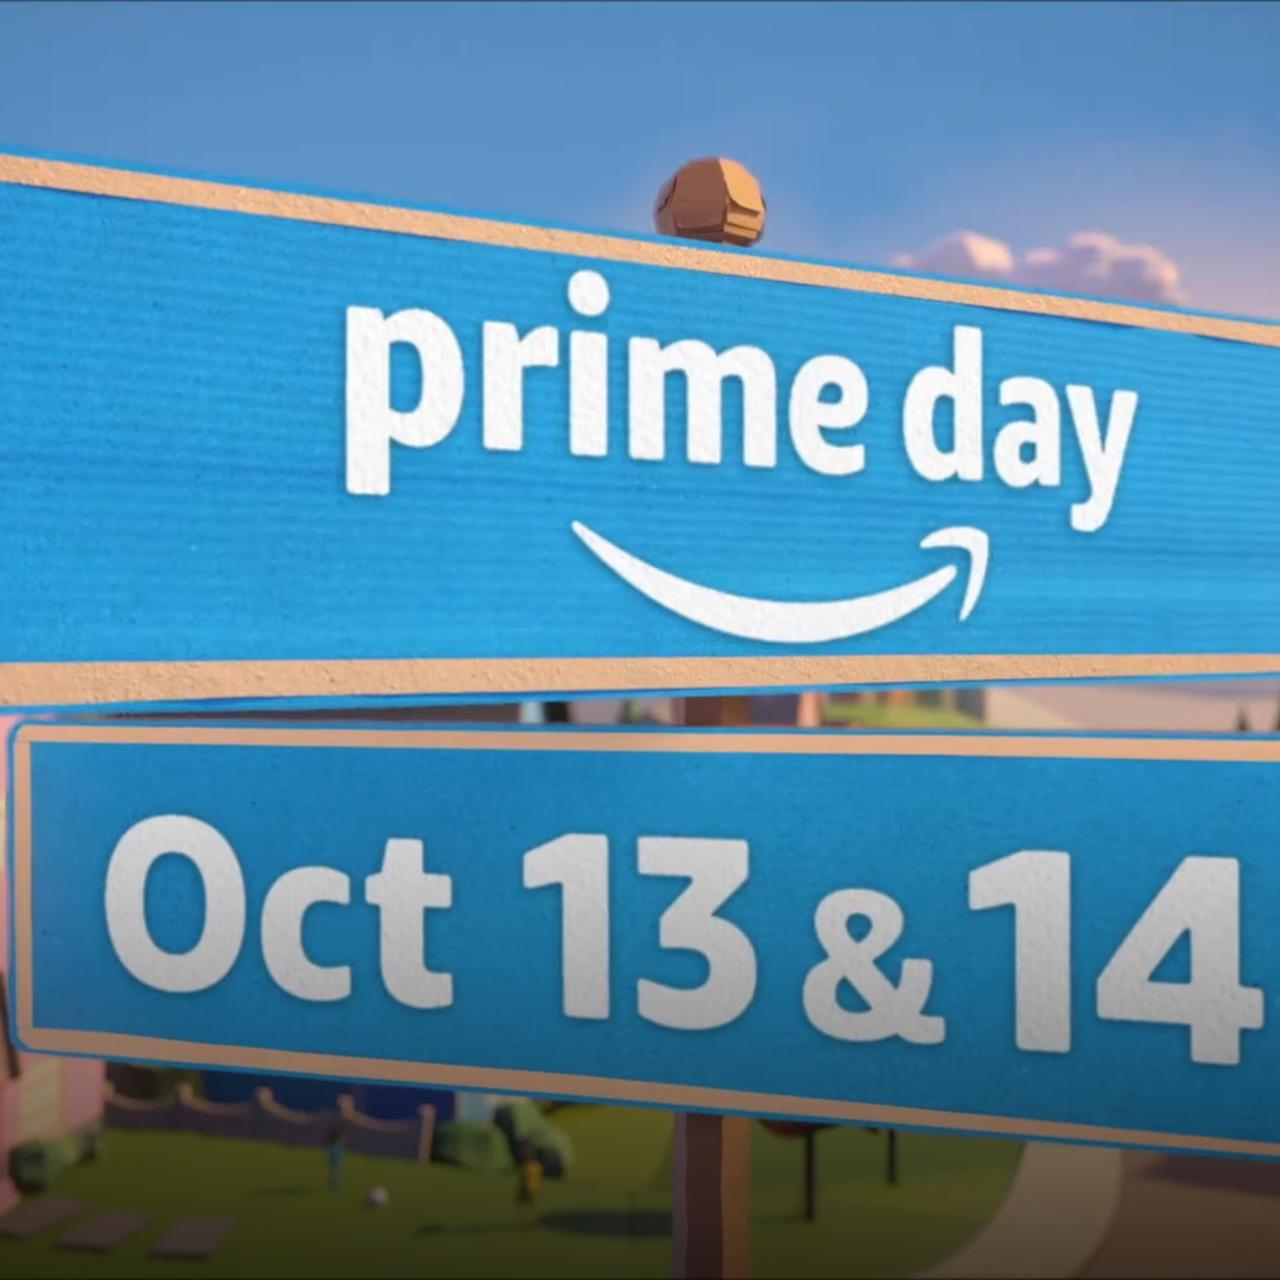 amazon prime day - photo #19